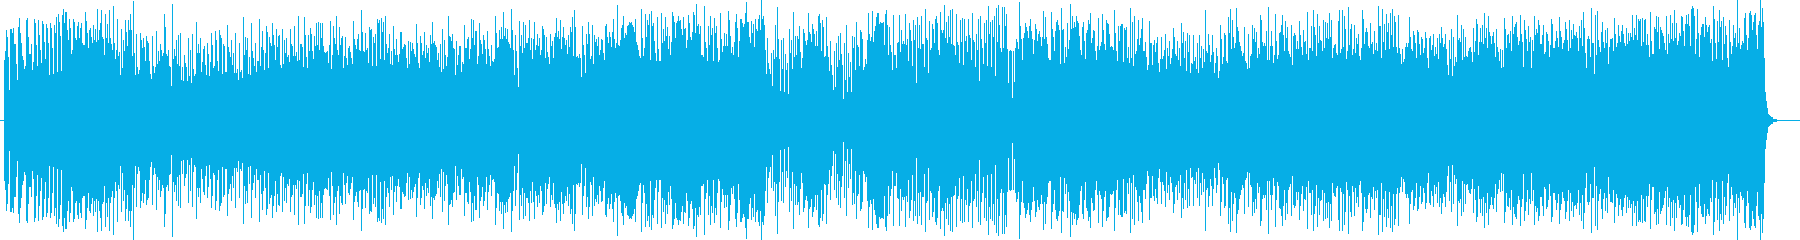 ポップで煌びやかなトランペットサウンドの再生済みの波形